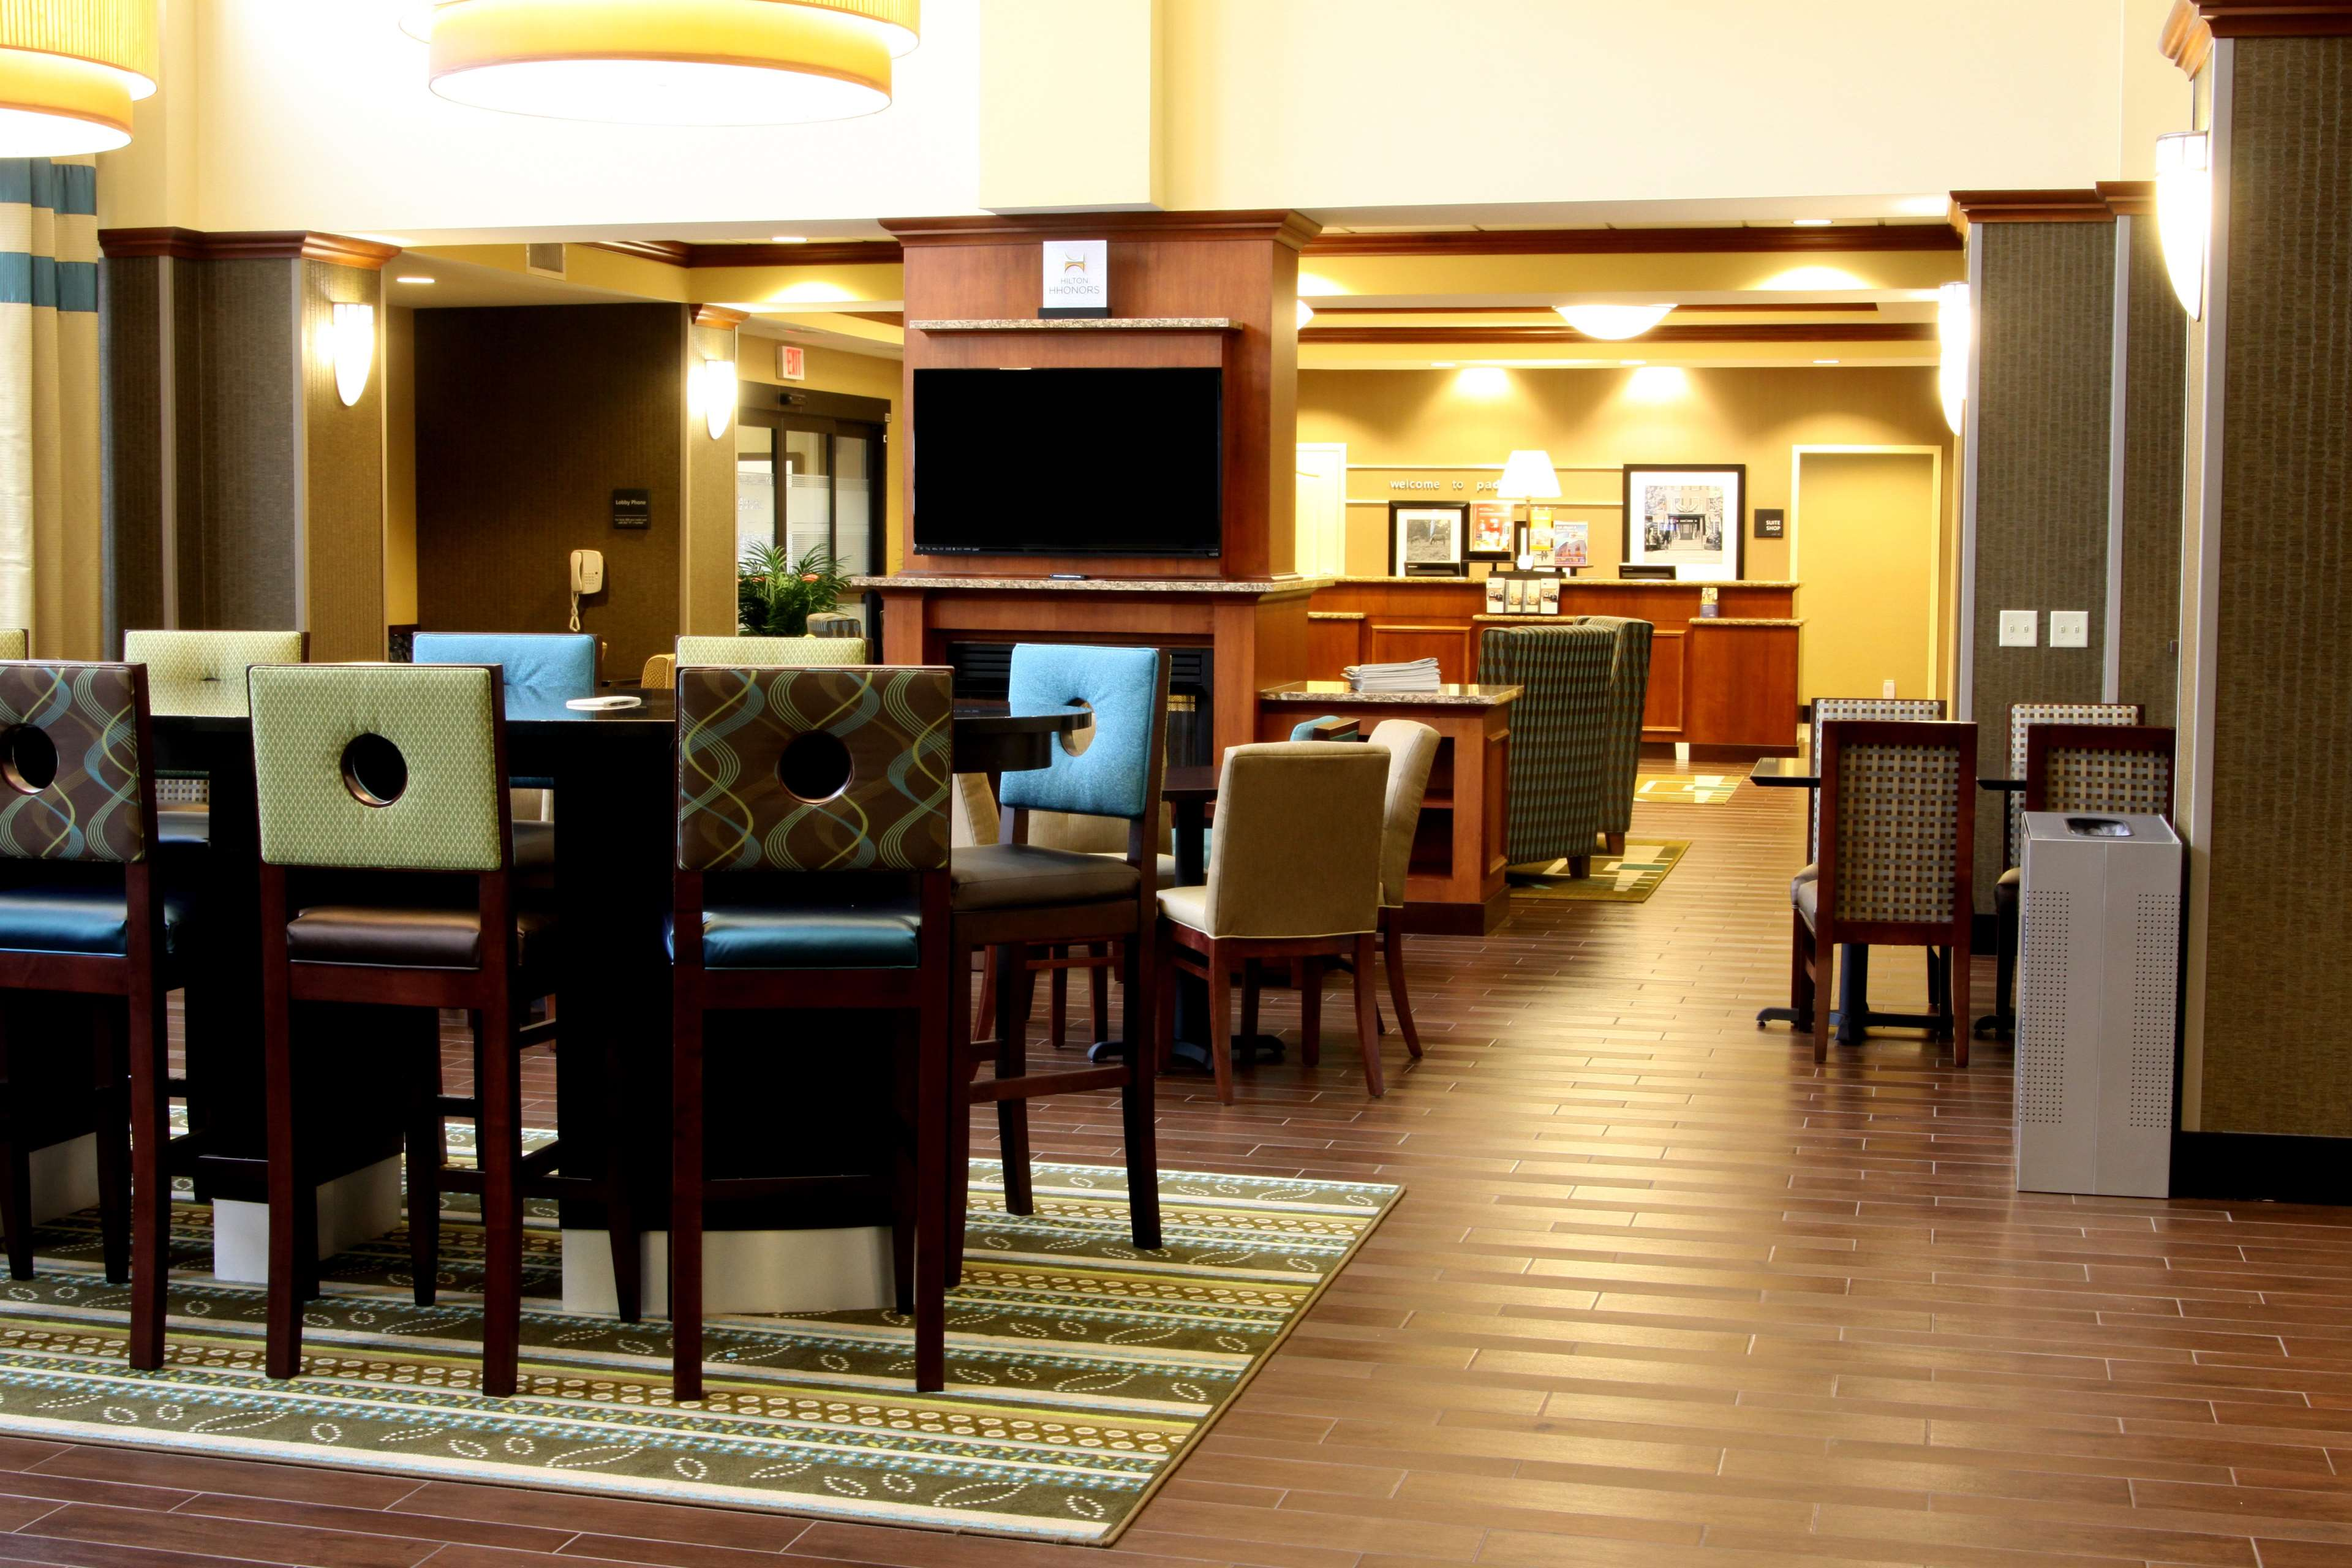 Hampton Inn & Suites Paducah image 2